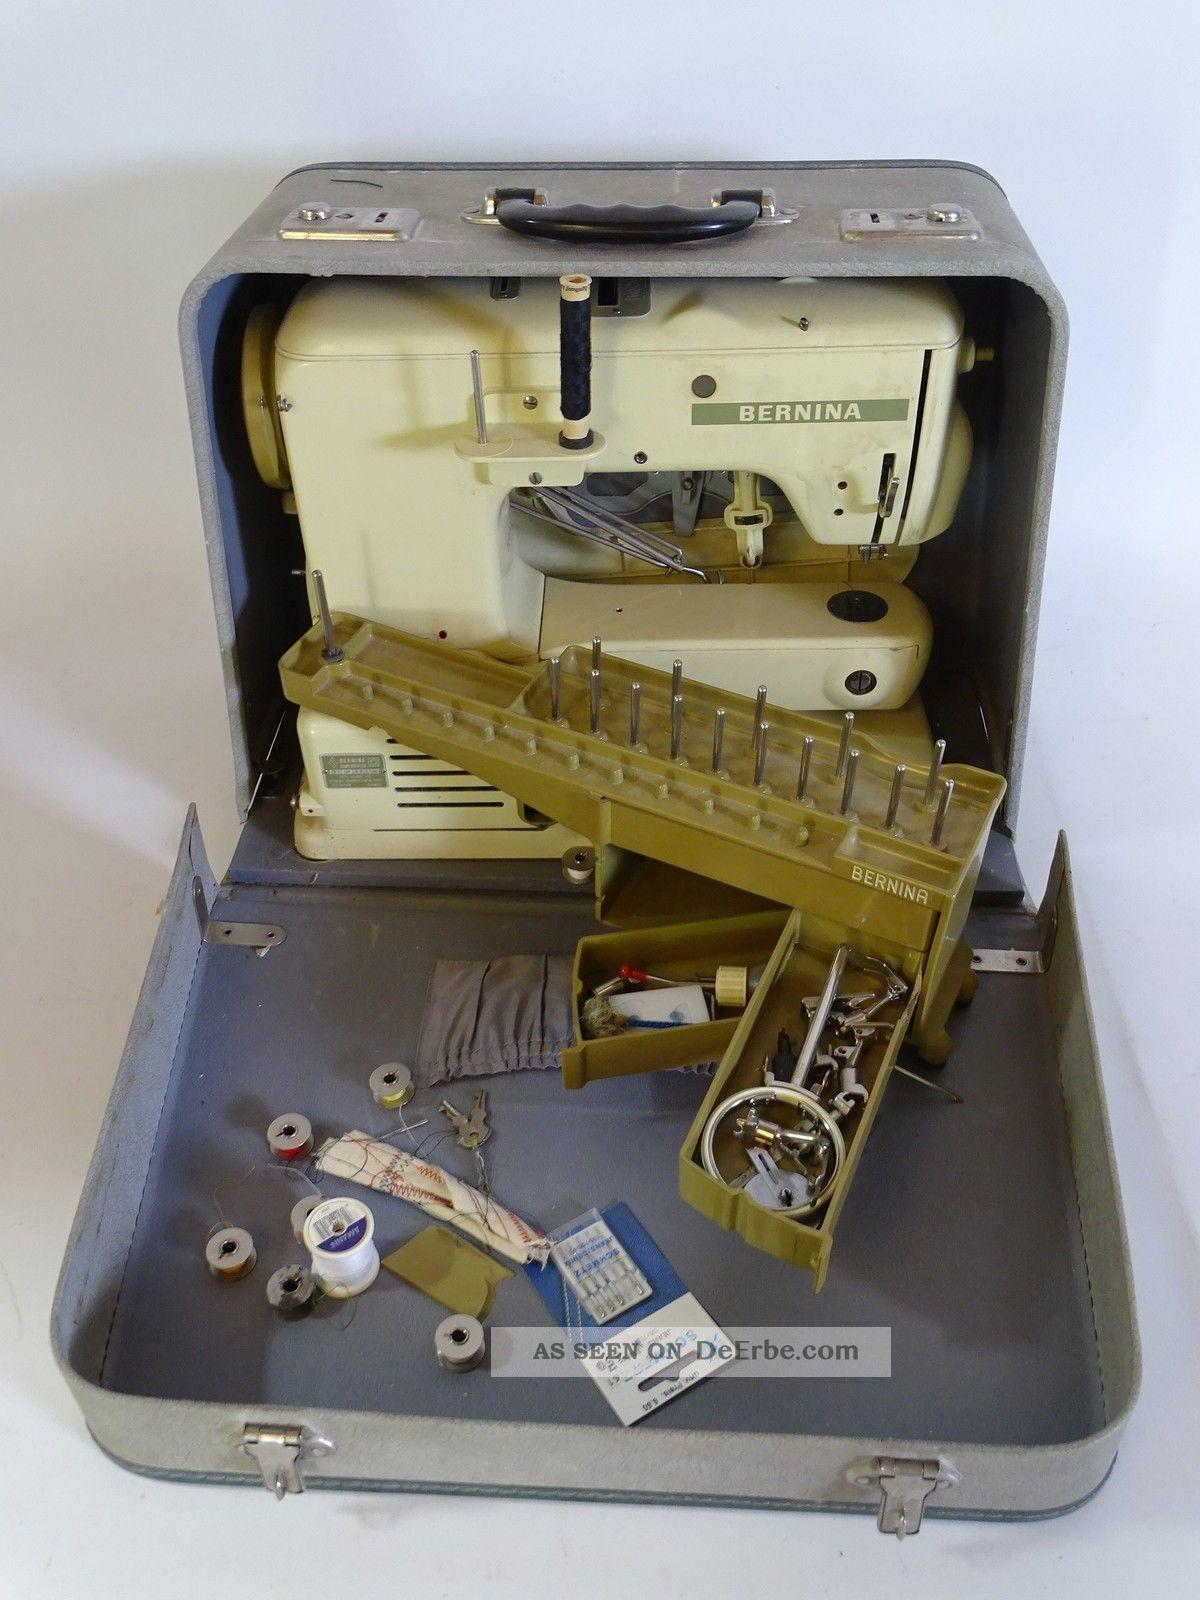 Bernina Record 530 - 2 Nähmaschine Im Koffer Mit Zubehör Haushalt Bild